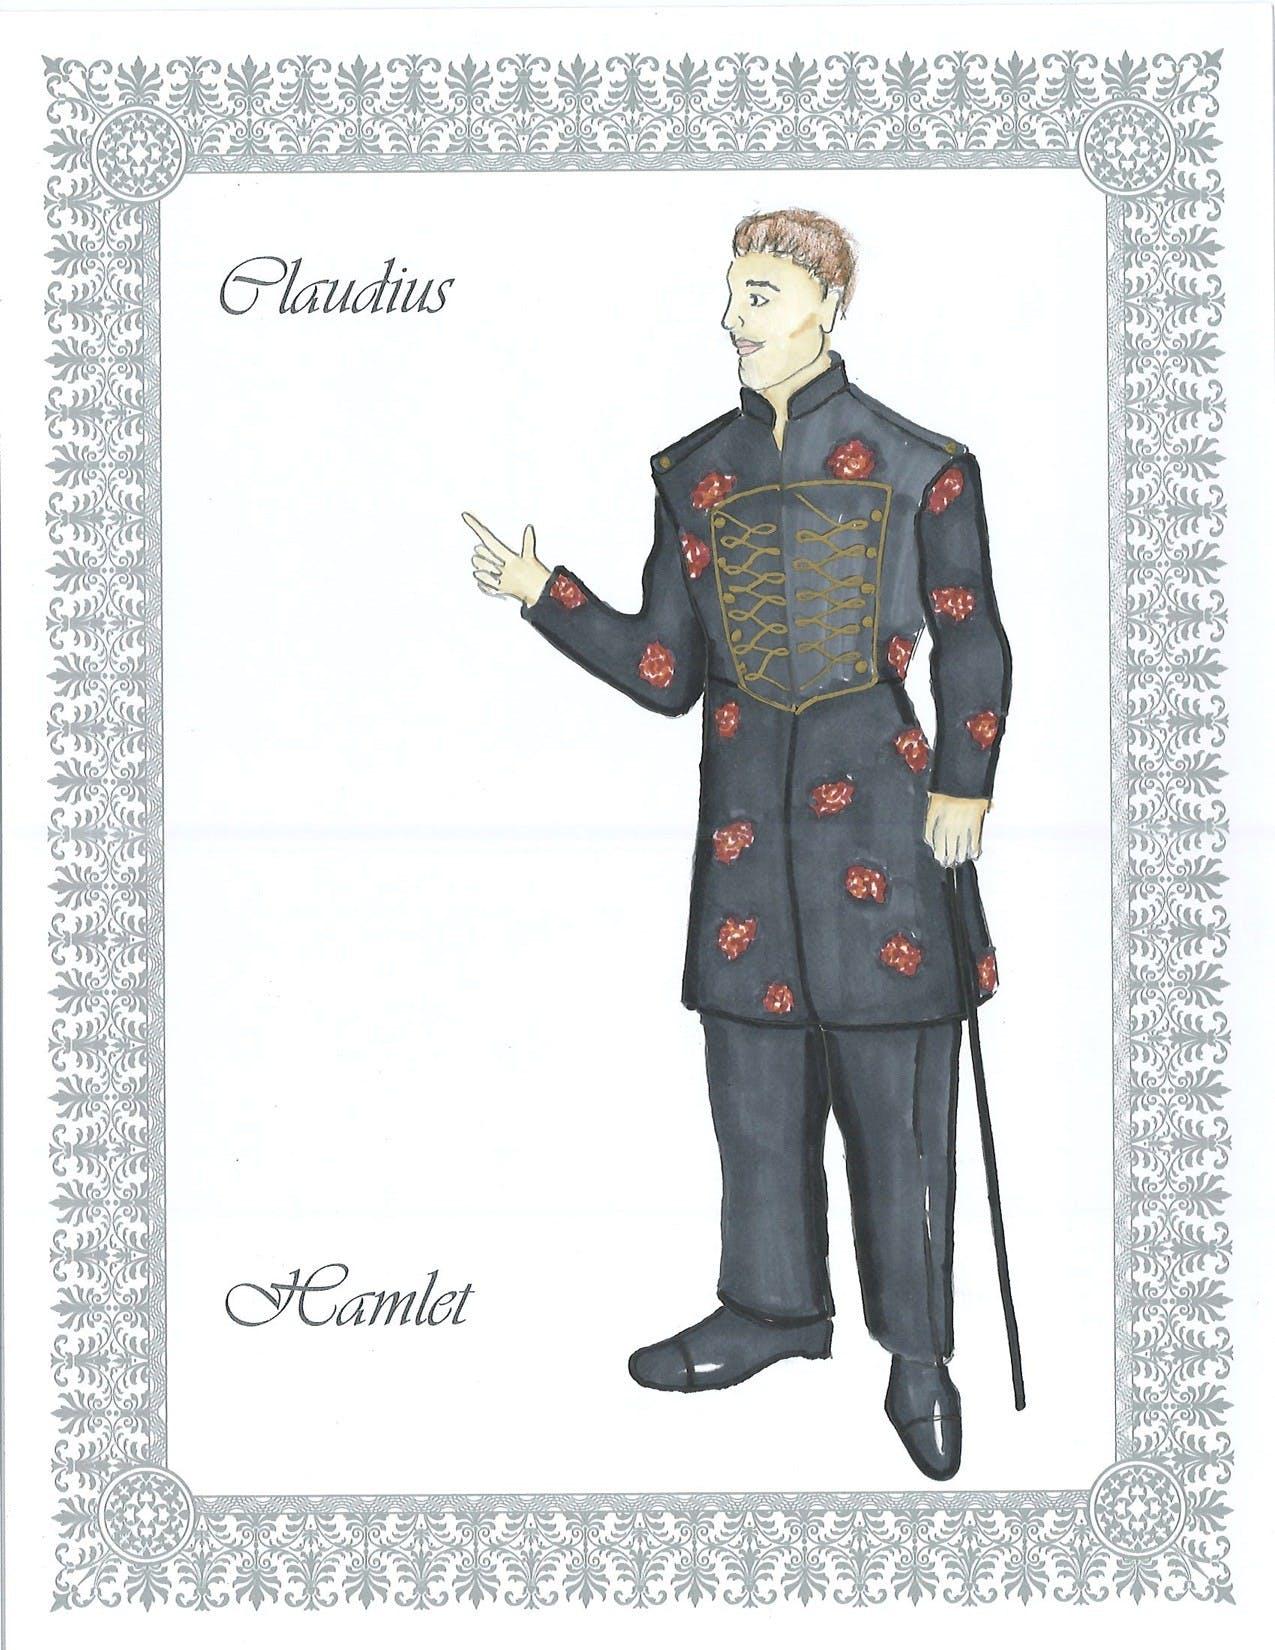 Claudius costume design